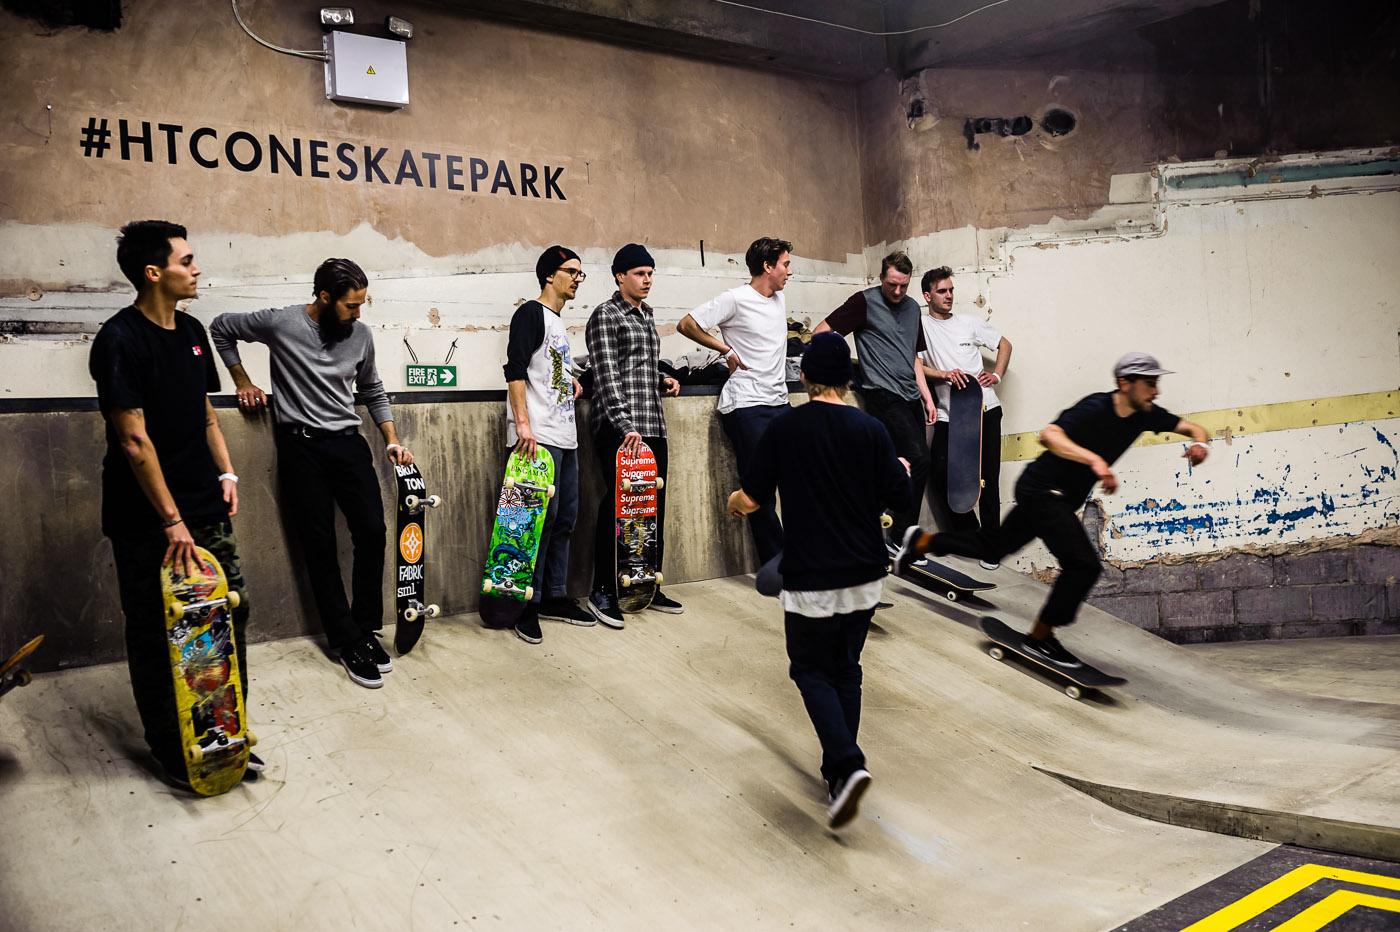 inside the htc one skatepark at selfridges